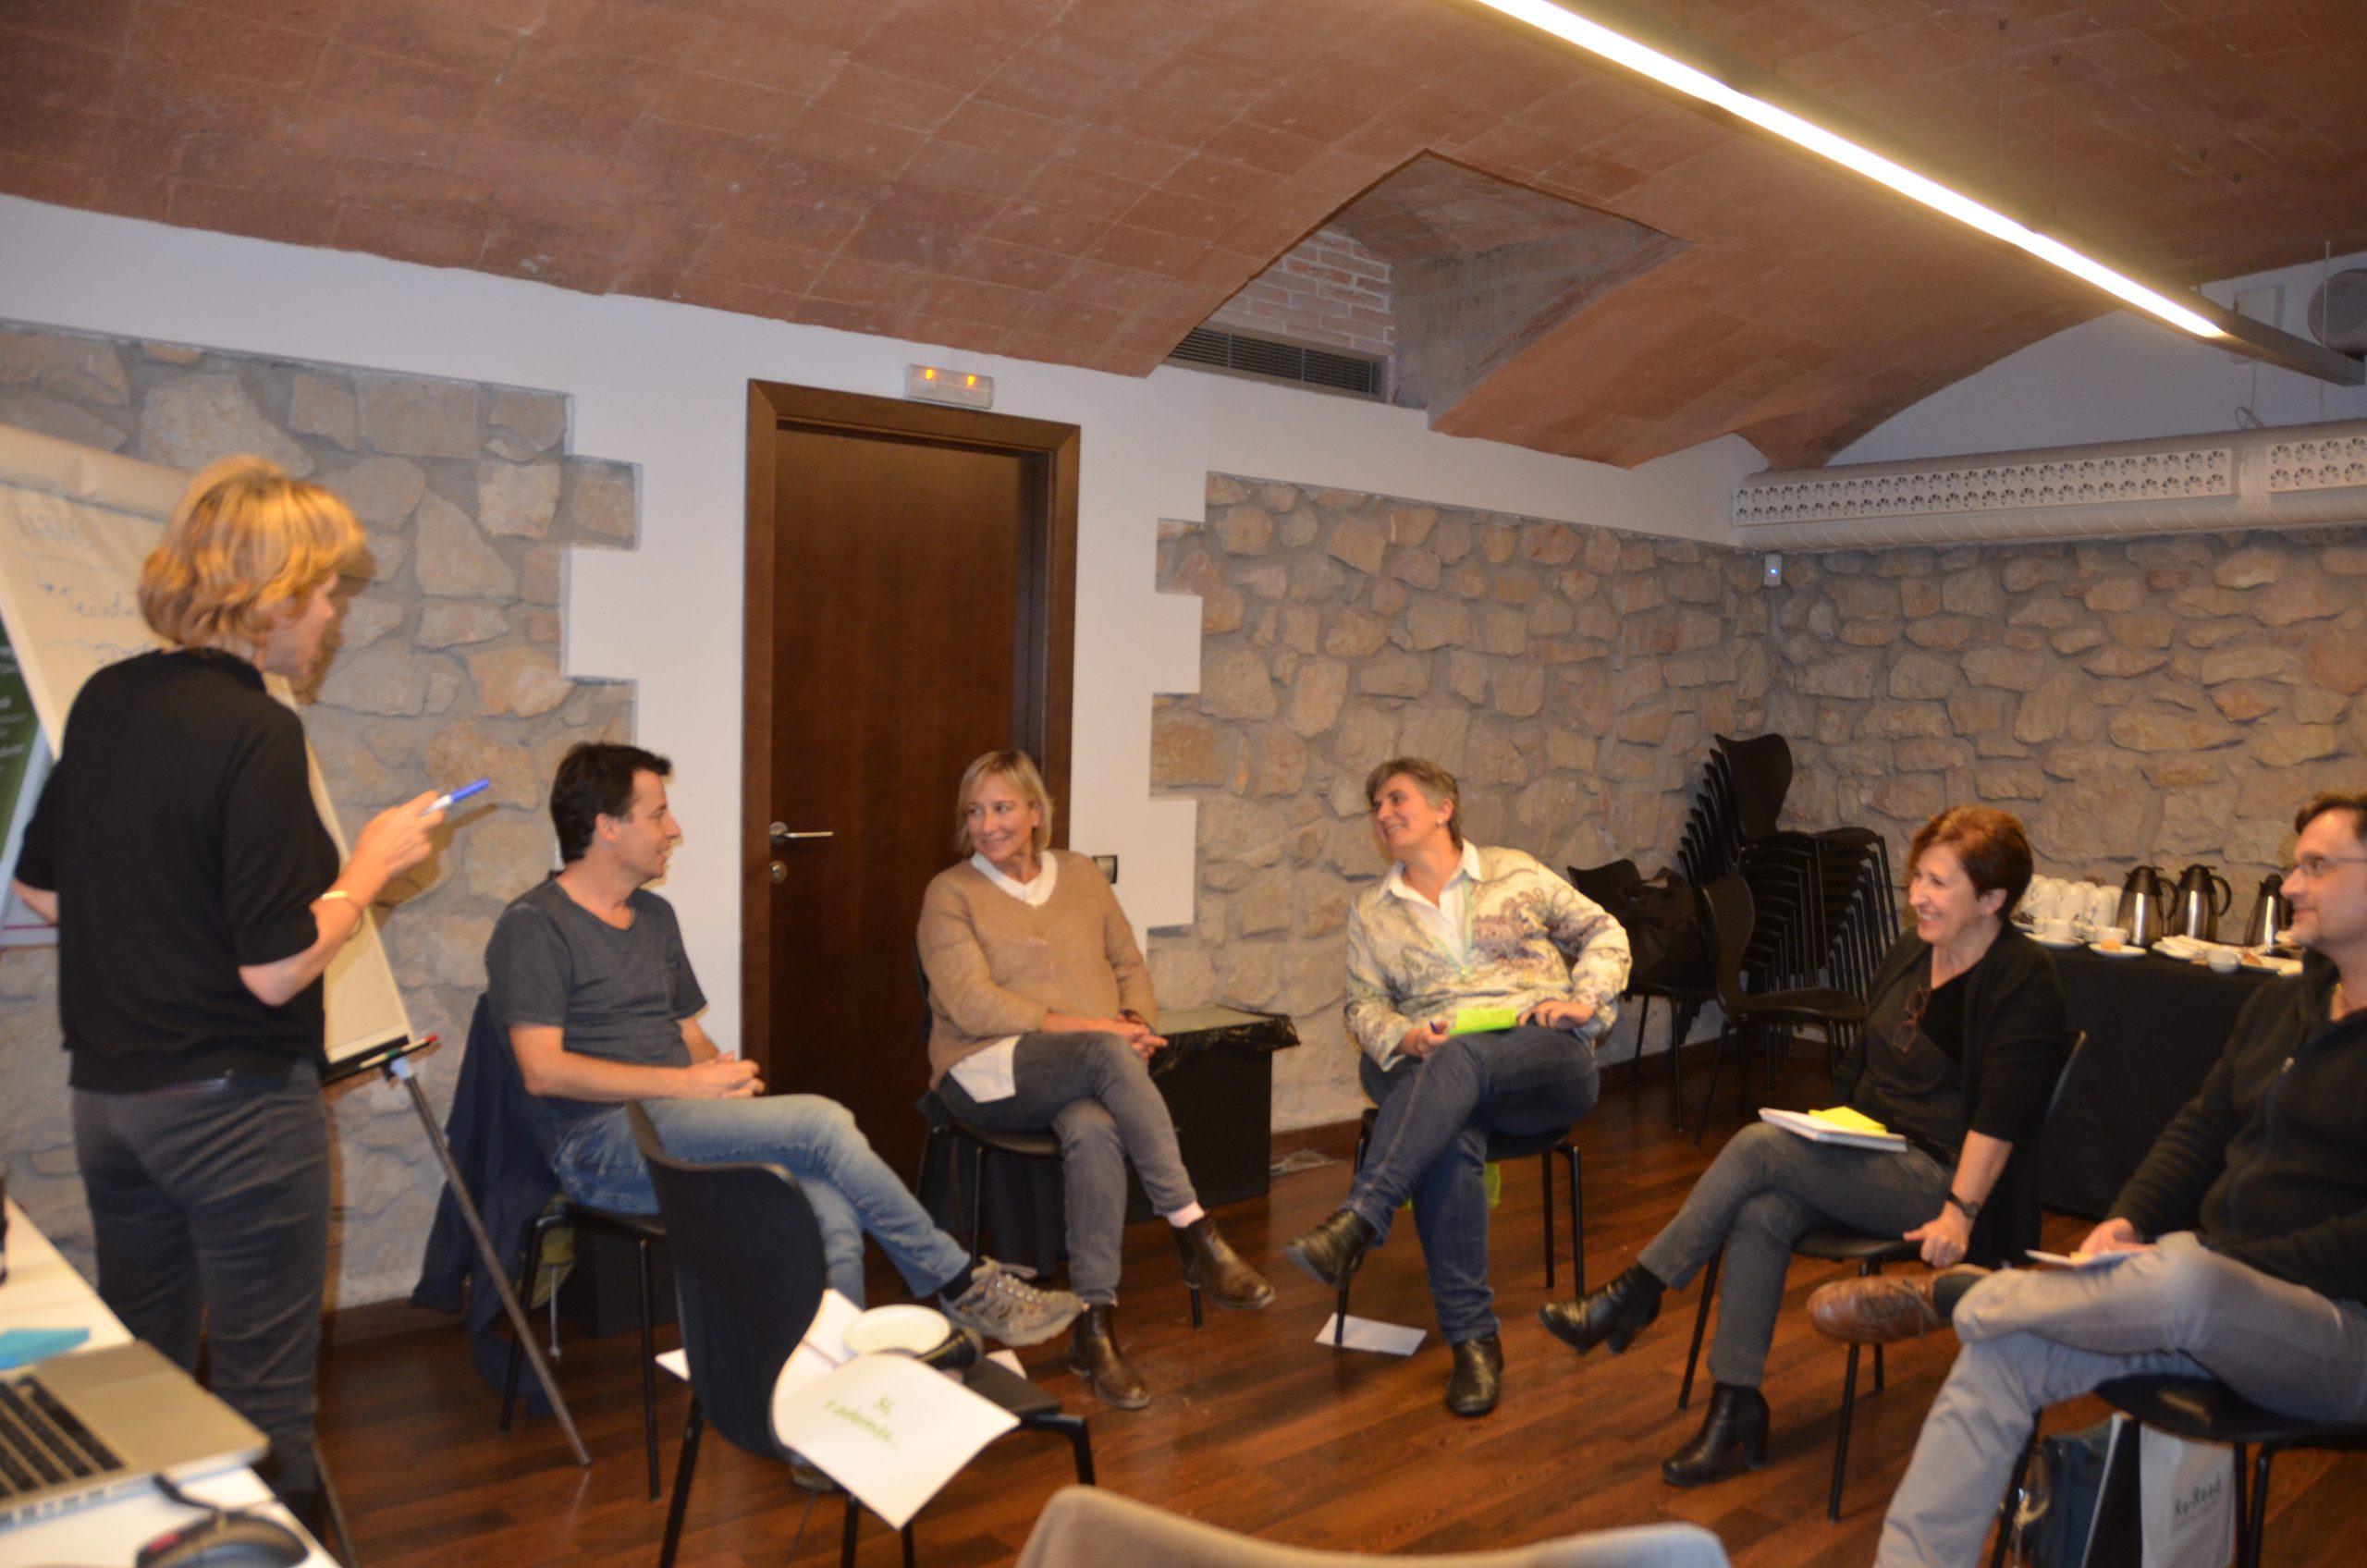 LADD (L'Associació en Defensa dels Drets de les Persones amb Discapacitat Intel·lectual) - Bloc - Projecte de reflexió sobre la inclusió laboral: fase 2